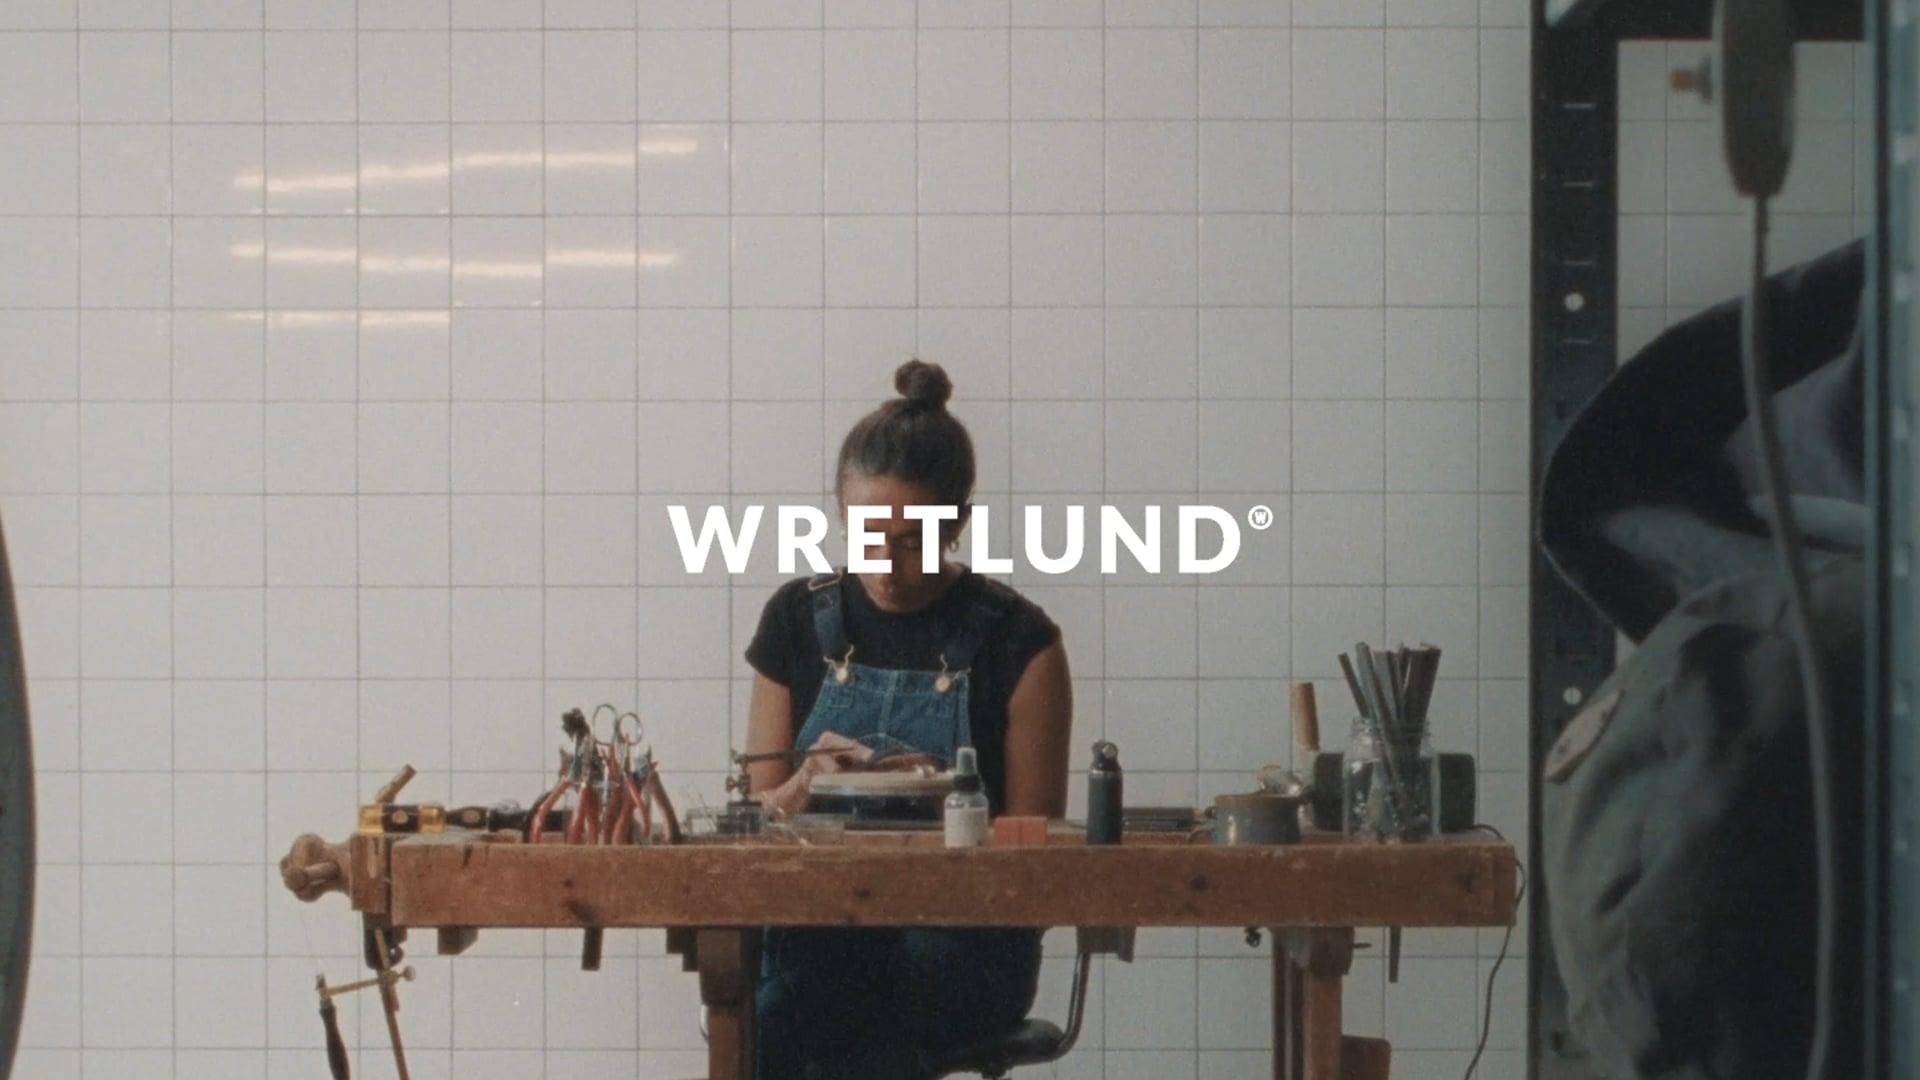 Wretlund Studios